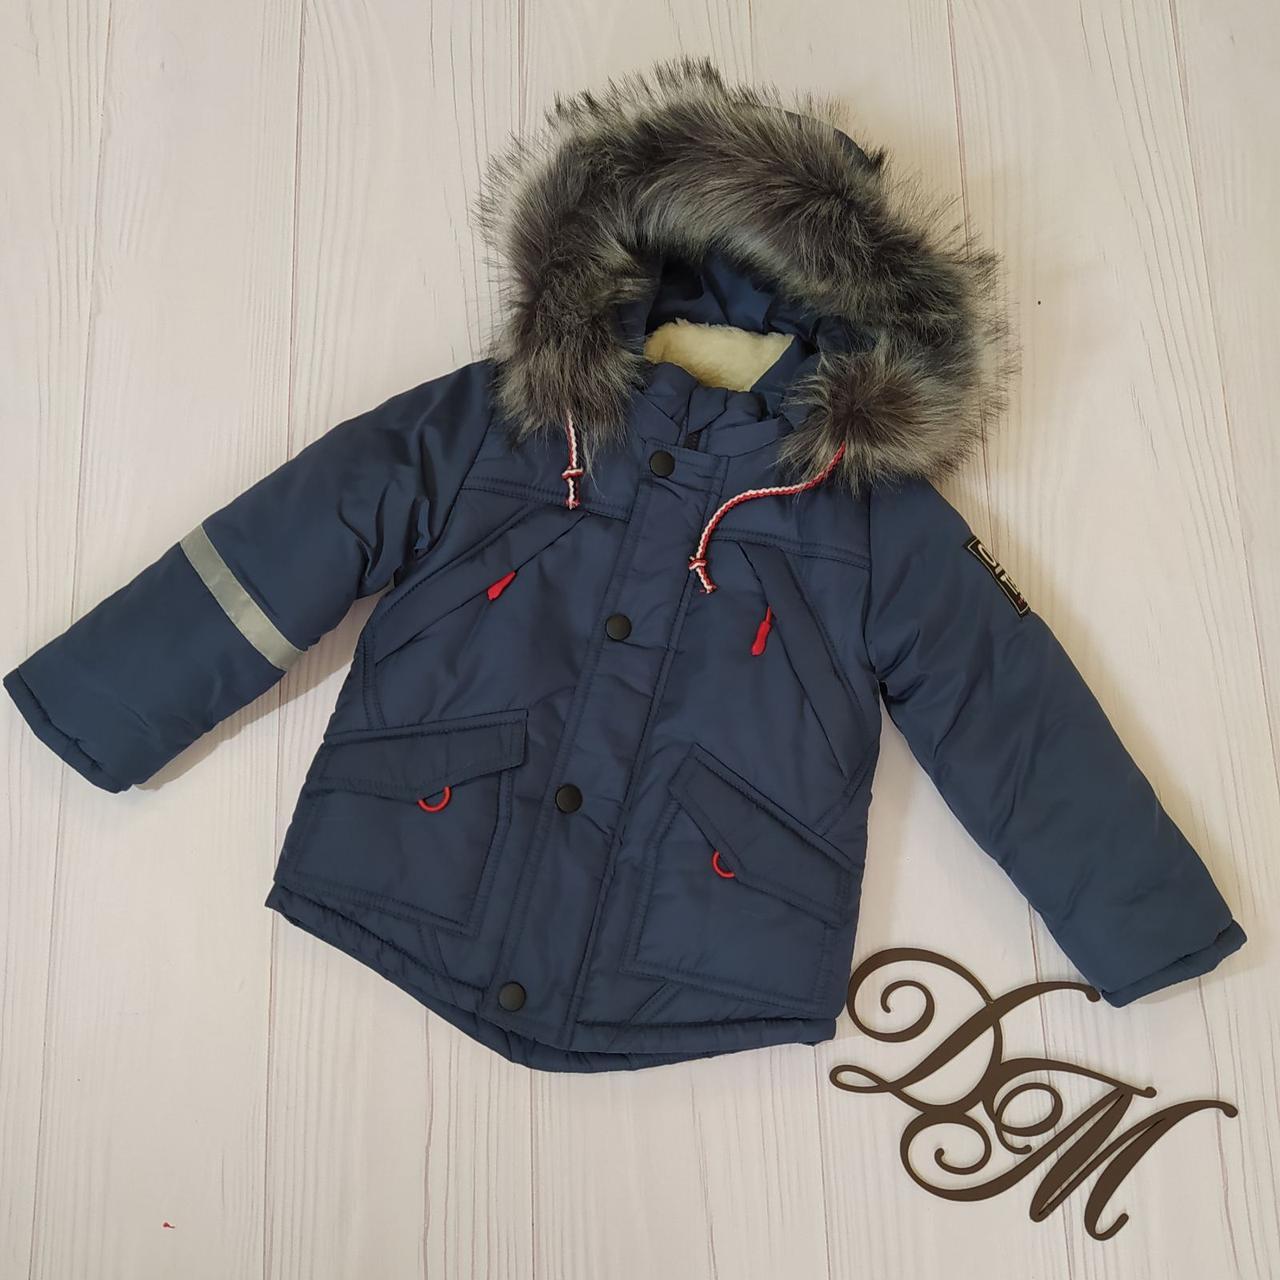 Зимняя куртка для мальчика на меховой подкладке, светоотражающая вставка на рукаве